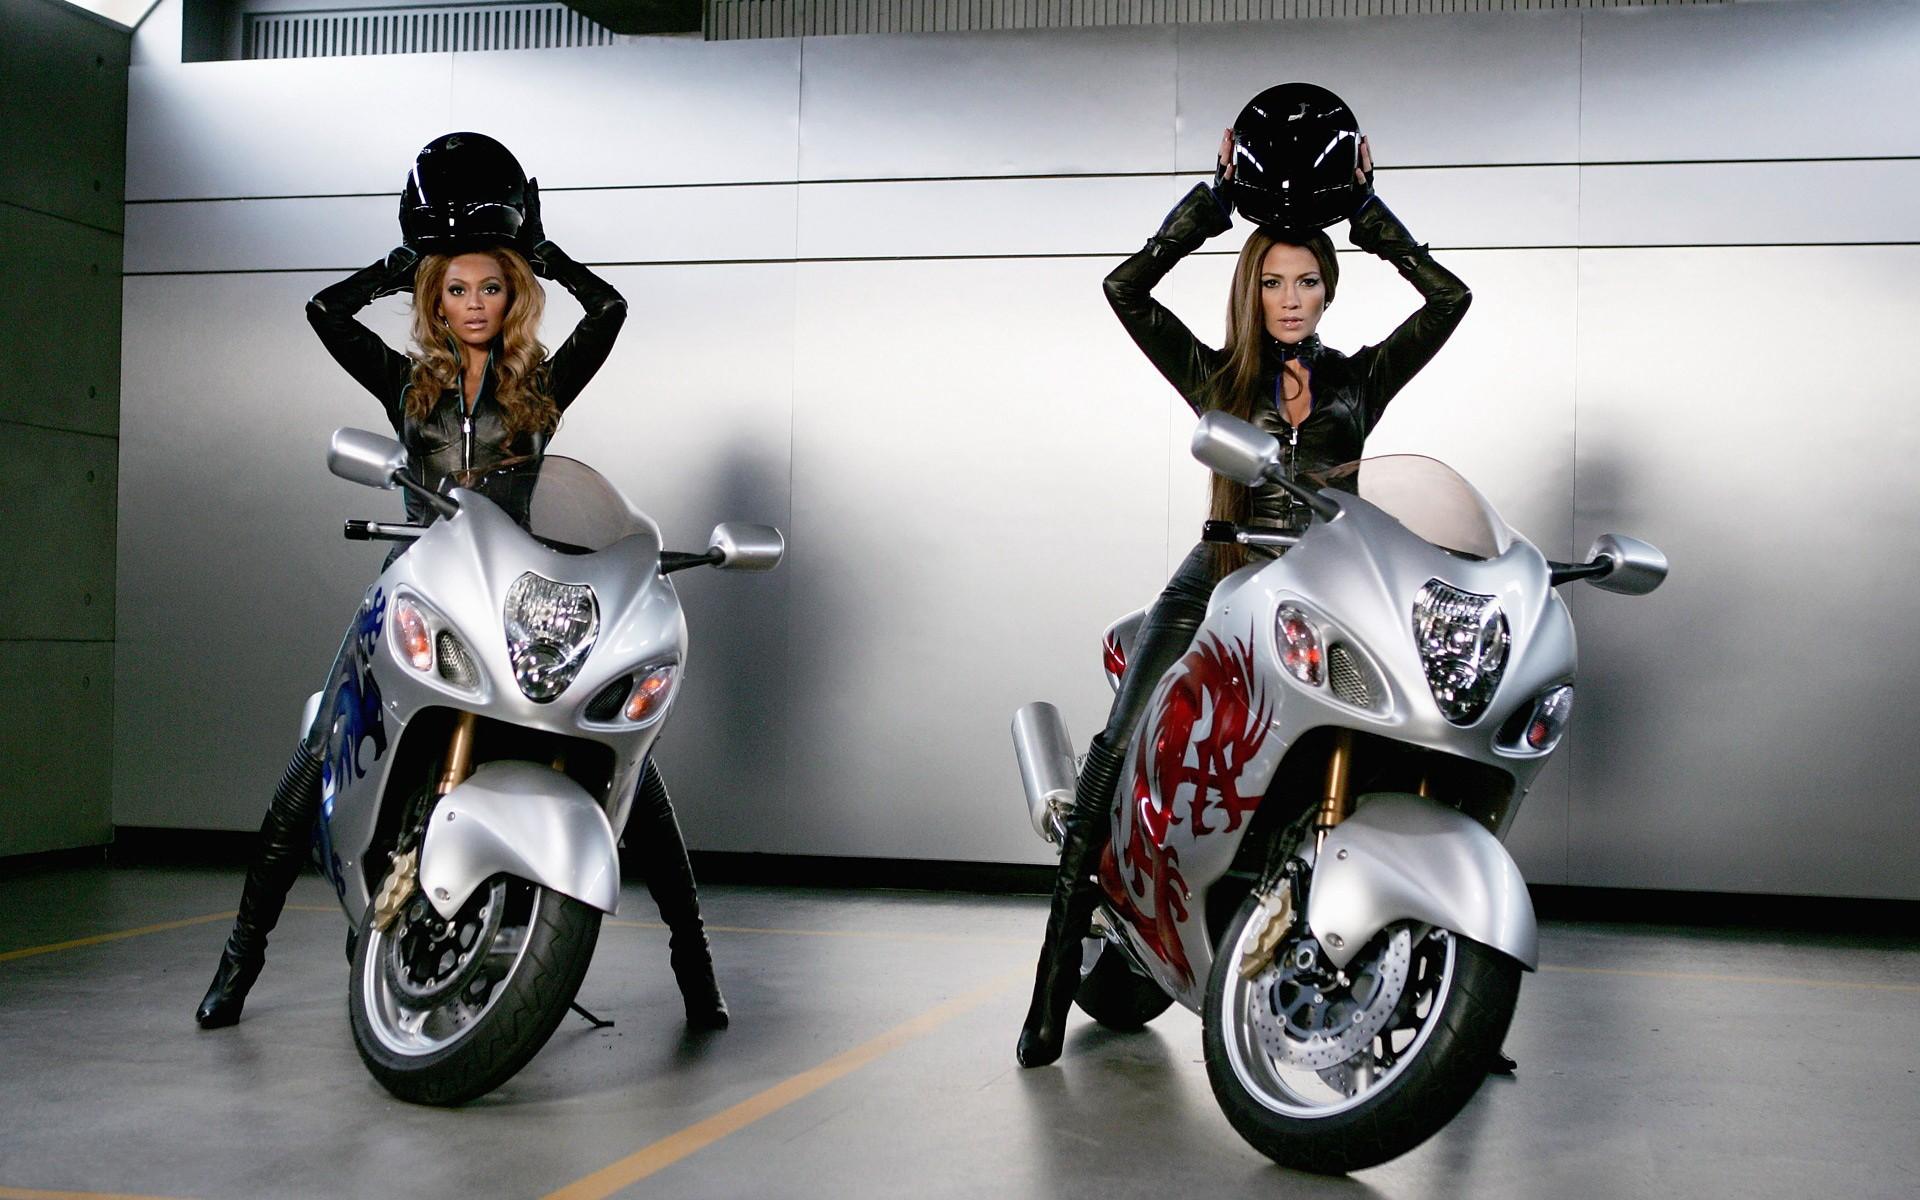 Famosas en motos - 1920x1200